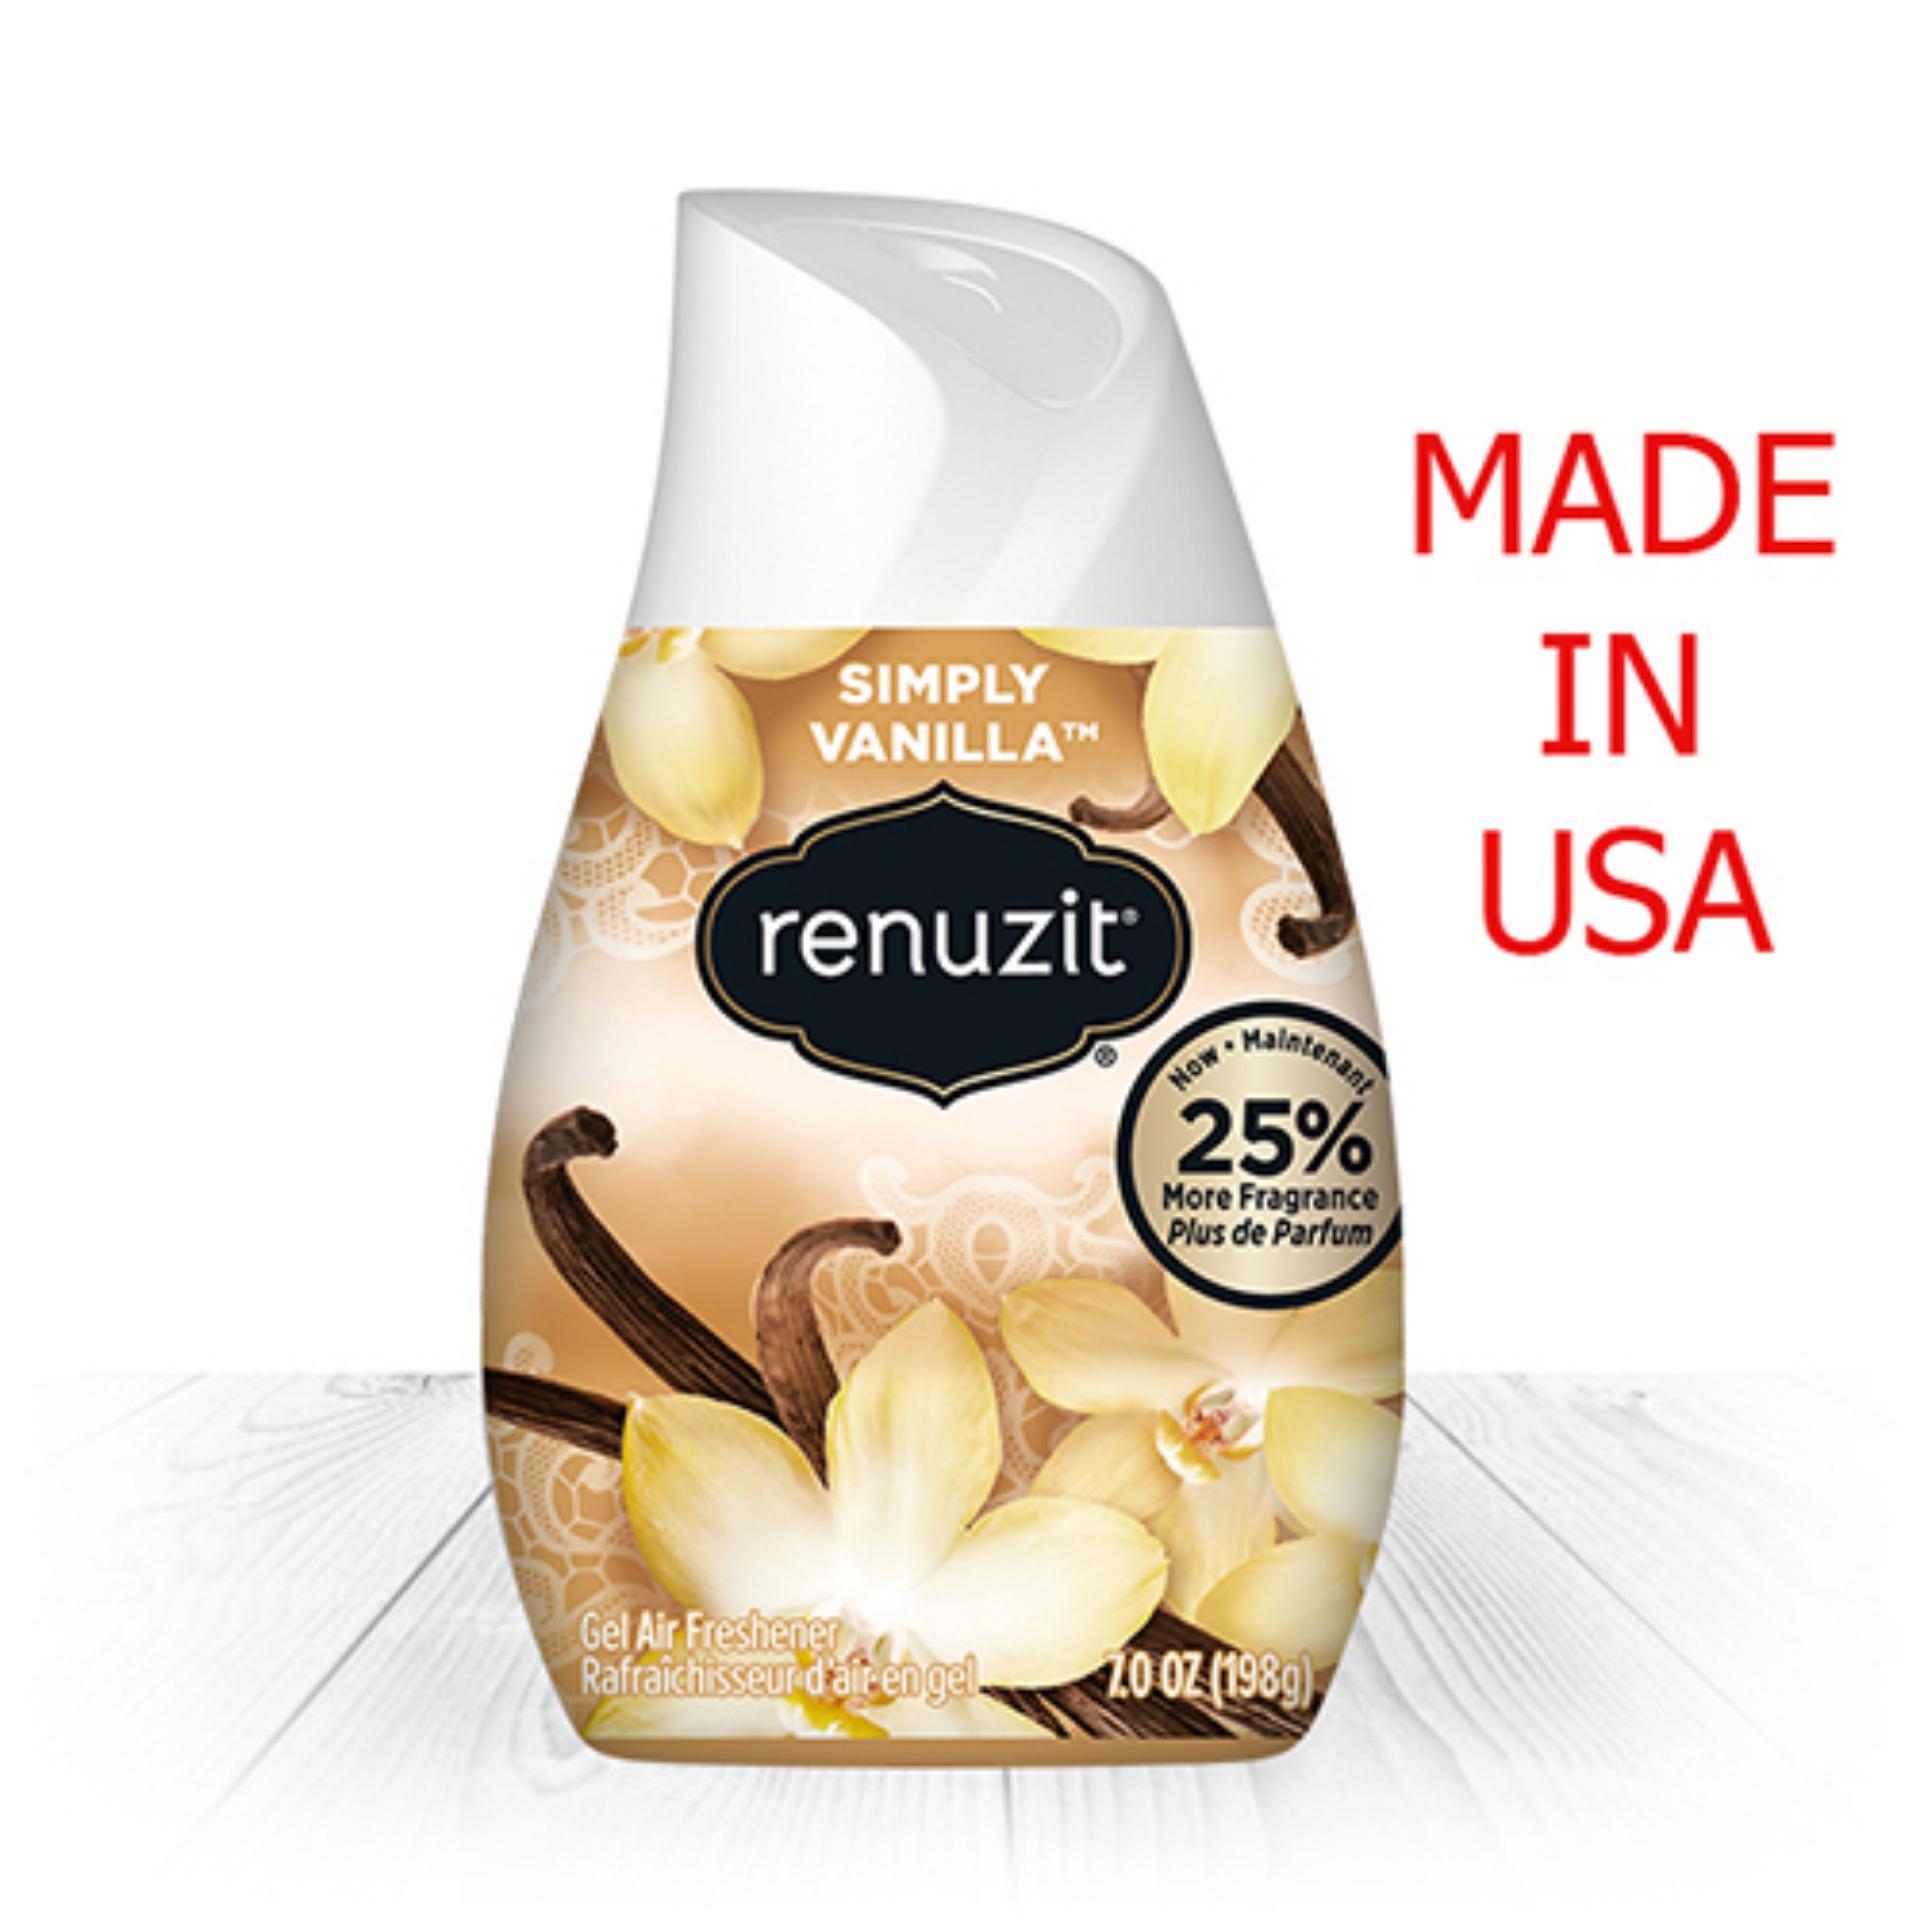 Giá Niêm Yết Sáp thơm Renuzit Simply Vanilla 198g